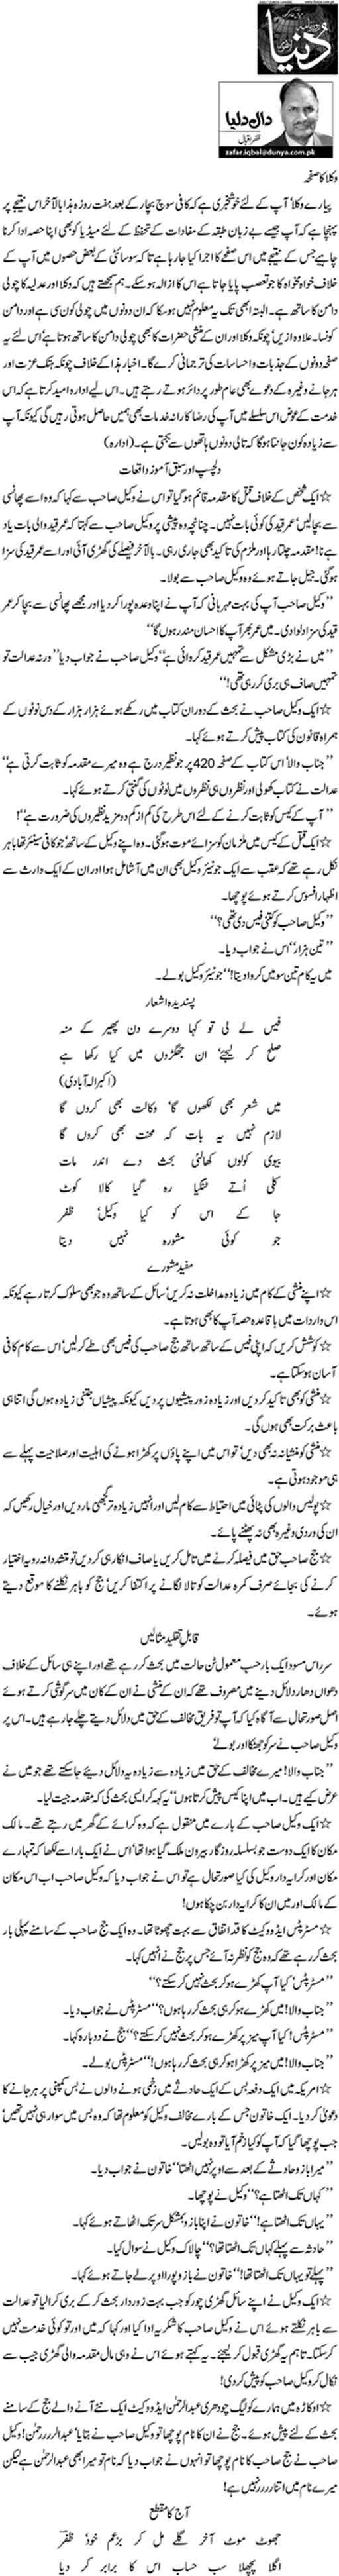 Wukla ka safha - Zafar Iqbal